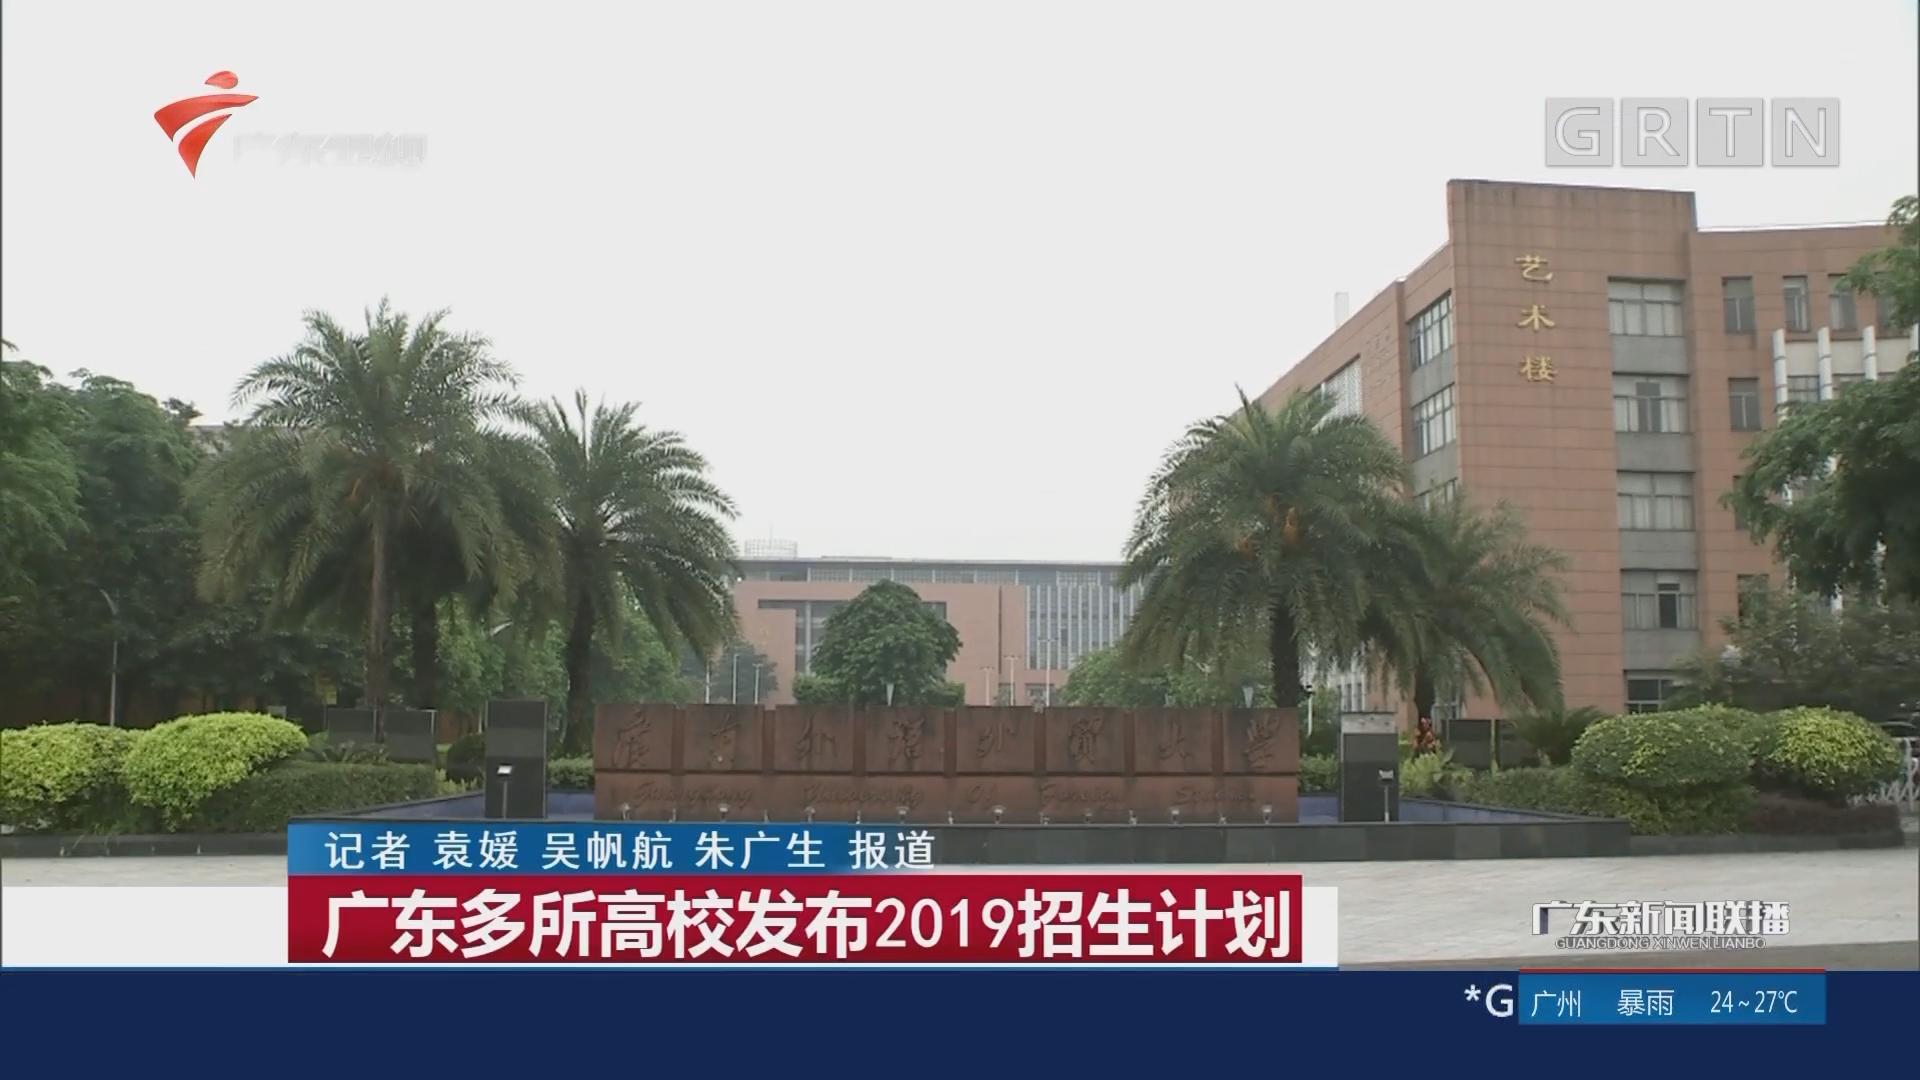 广东多所高校发布2019招生计划